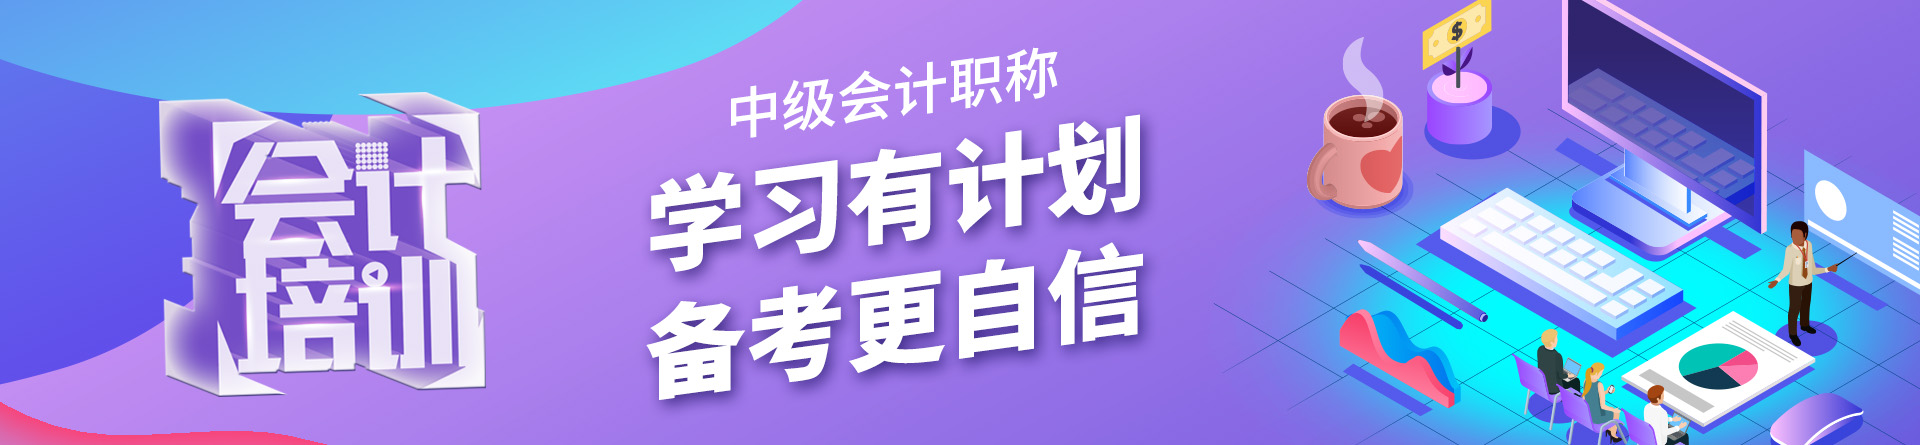 山西忻州优路教育培训学校